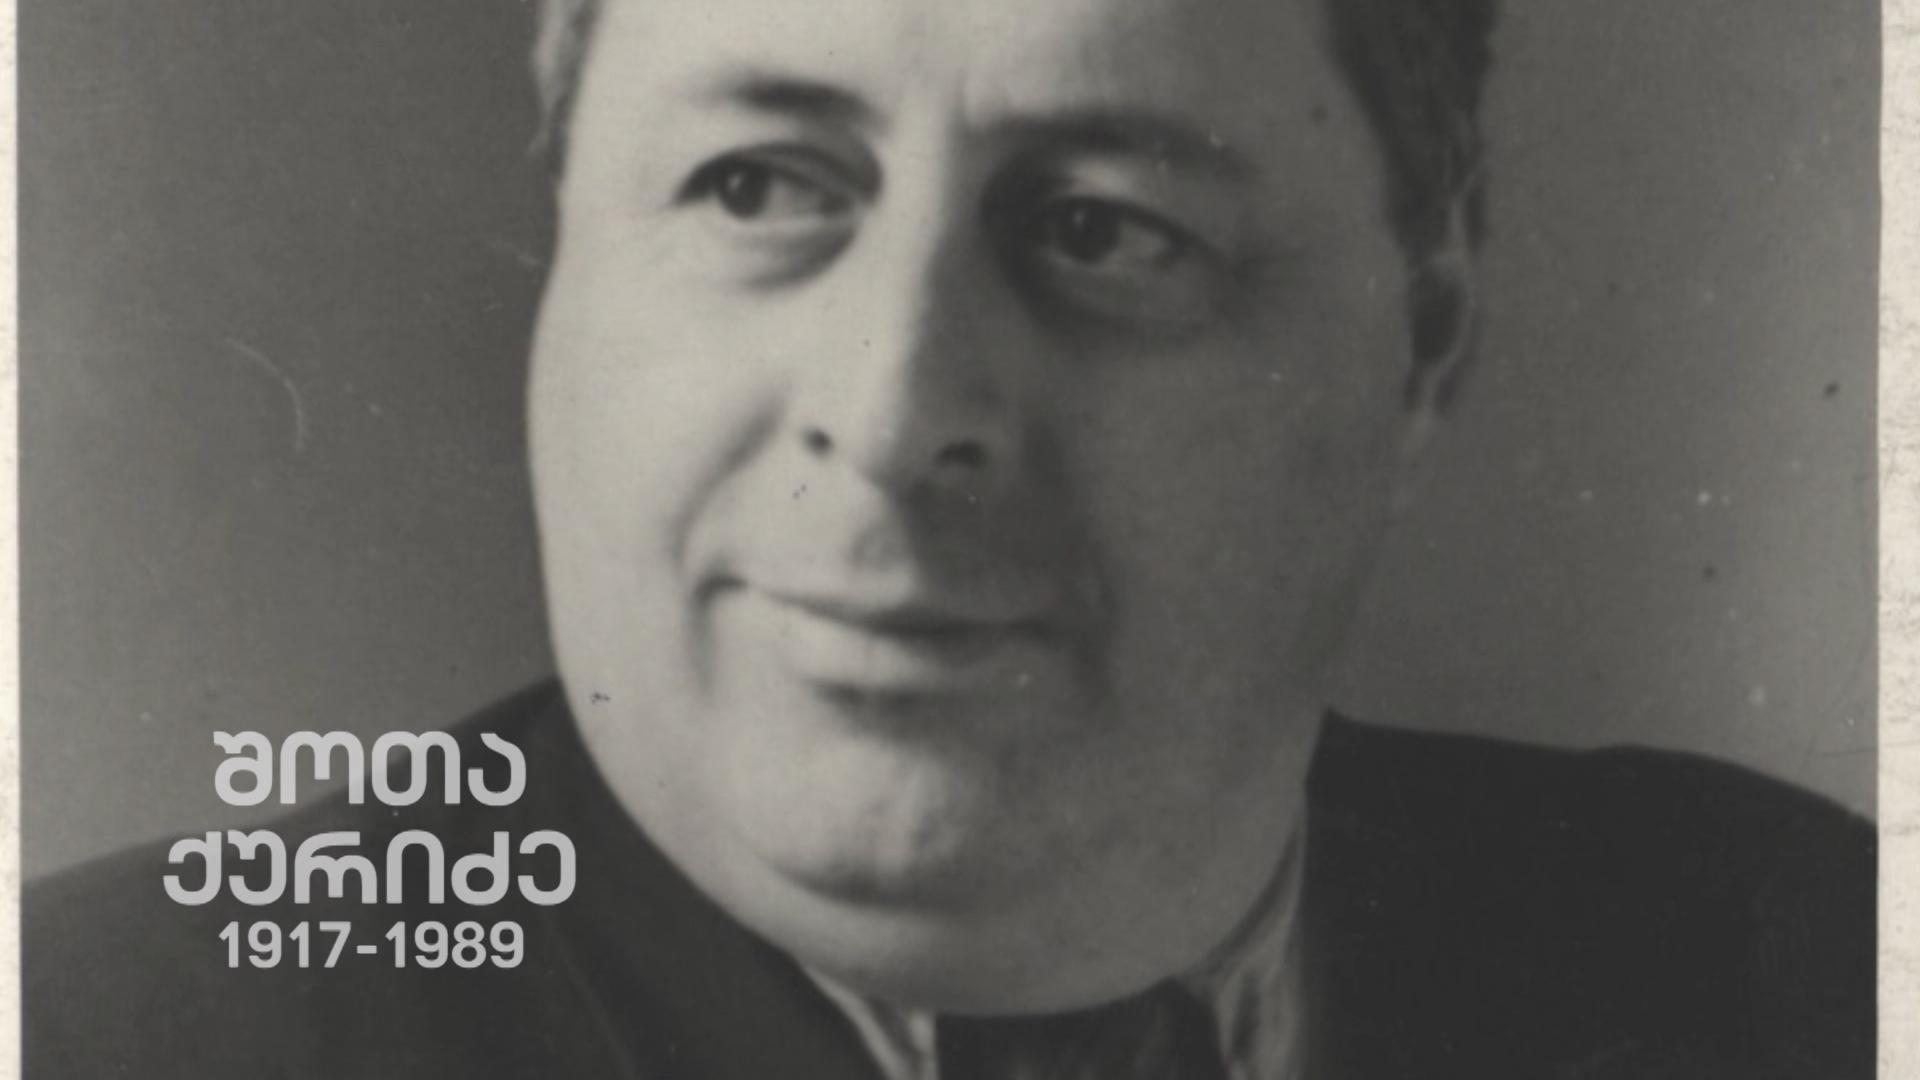 შოთა ქურიძე (1917-1989)